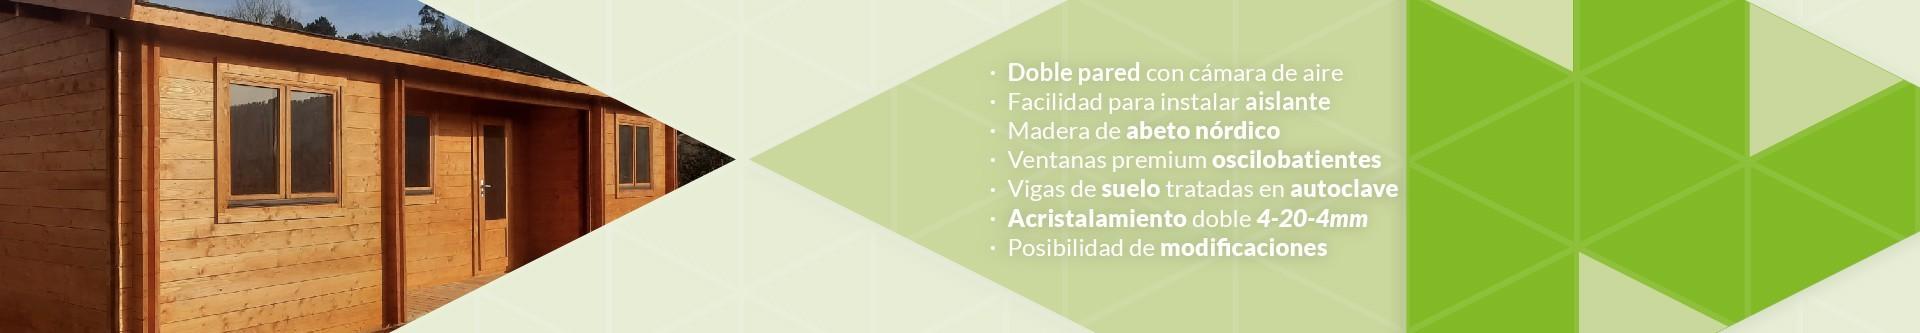 Grosor 44+44 mm